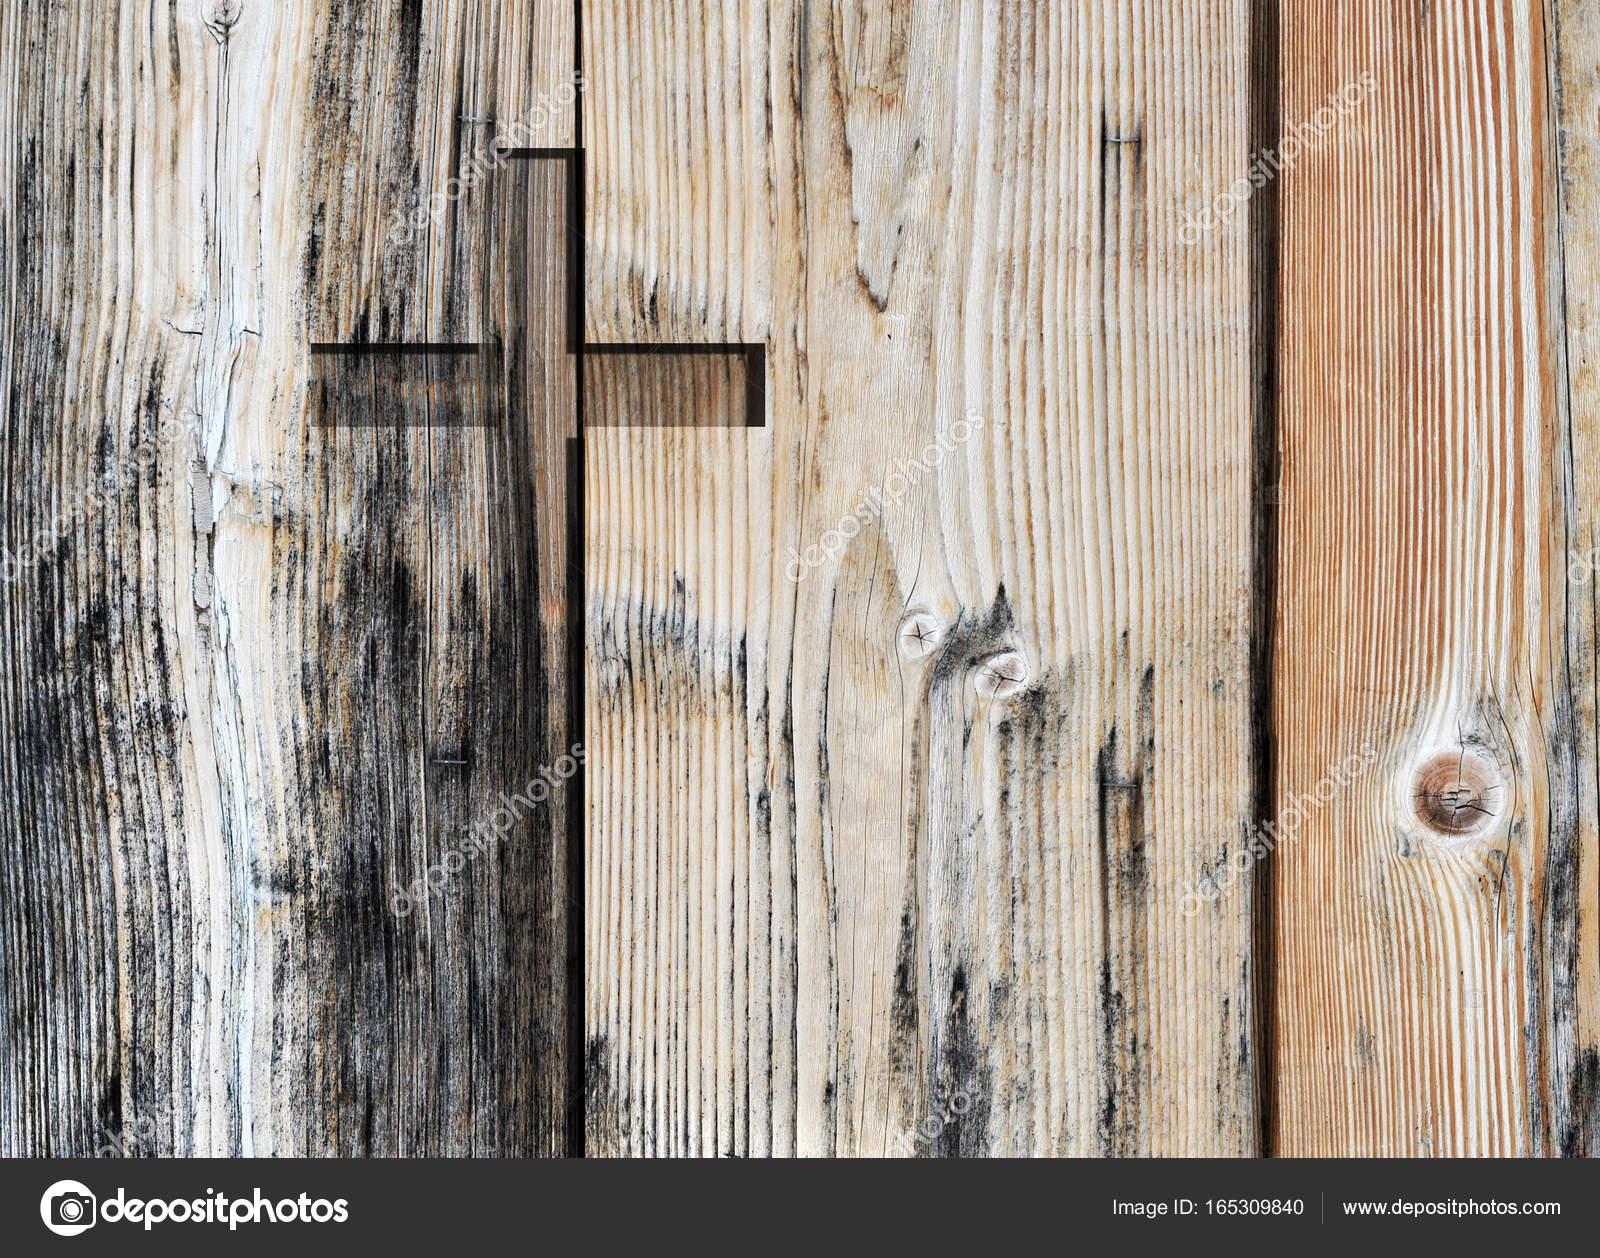 La Credenza Religiosa : Simbolo di religione cristiana vecchio marrone croce forma come